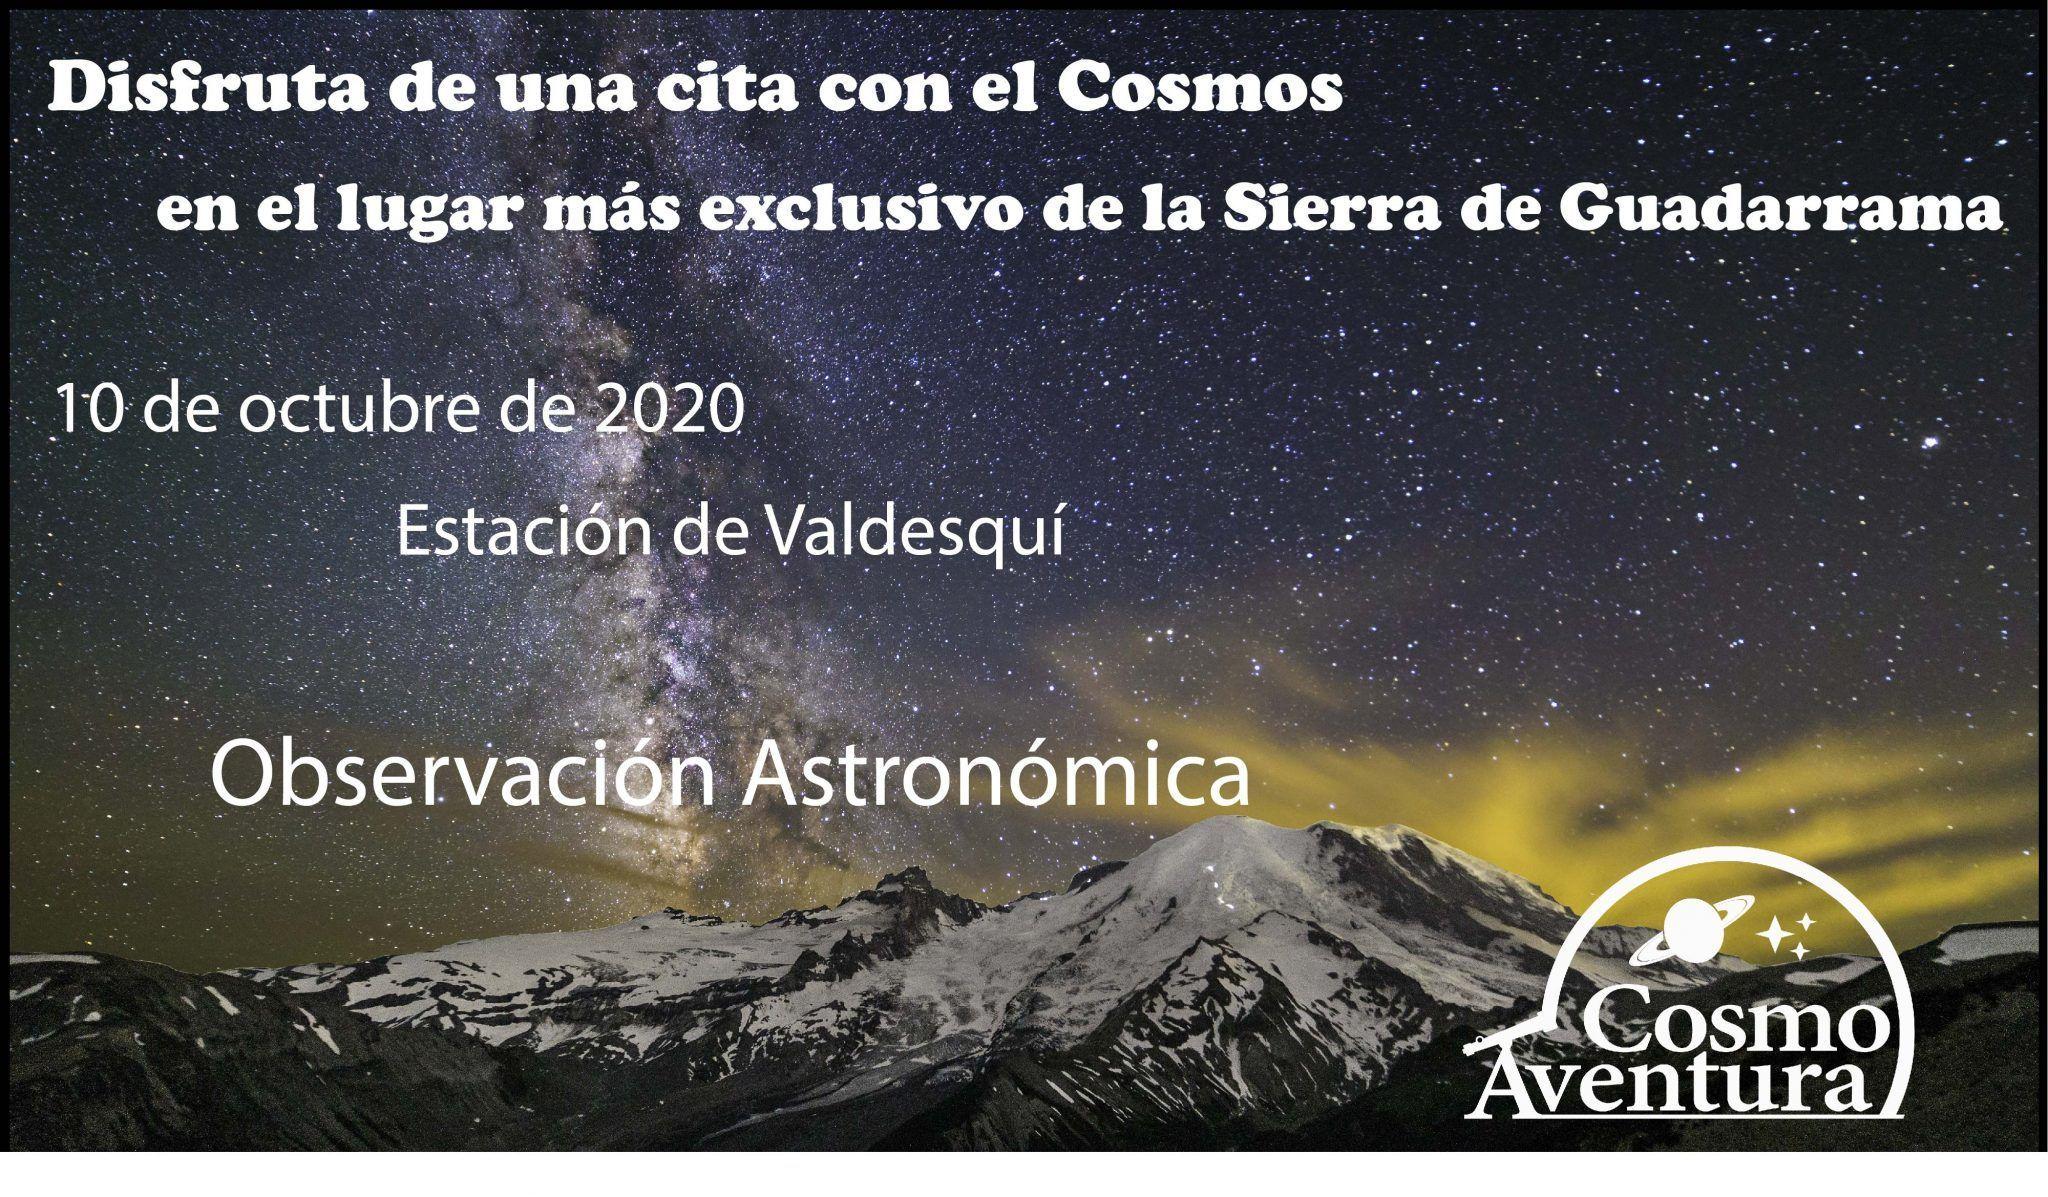 10-10-2020.- Observación Astronómica en el lugar más exclusivo de Madrid: La Estación de Valdesquí